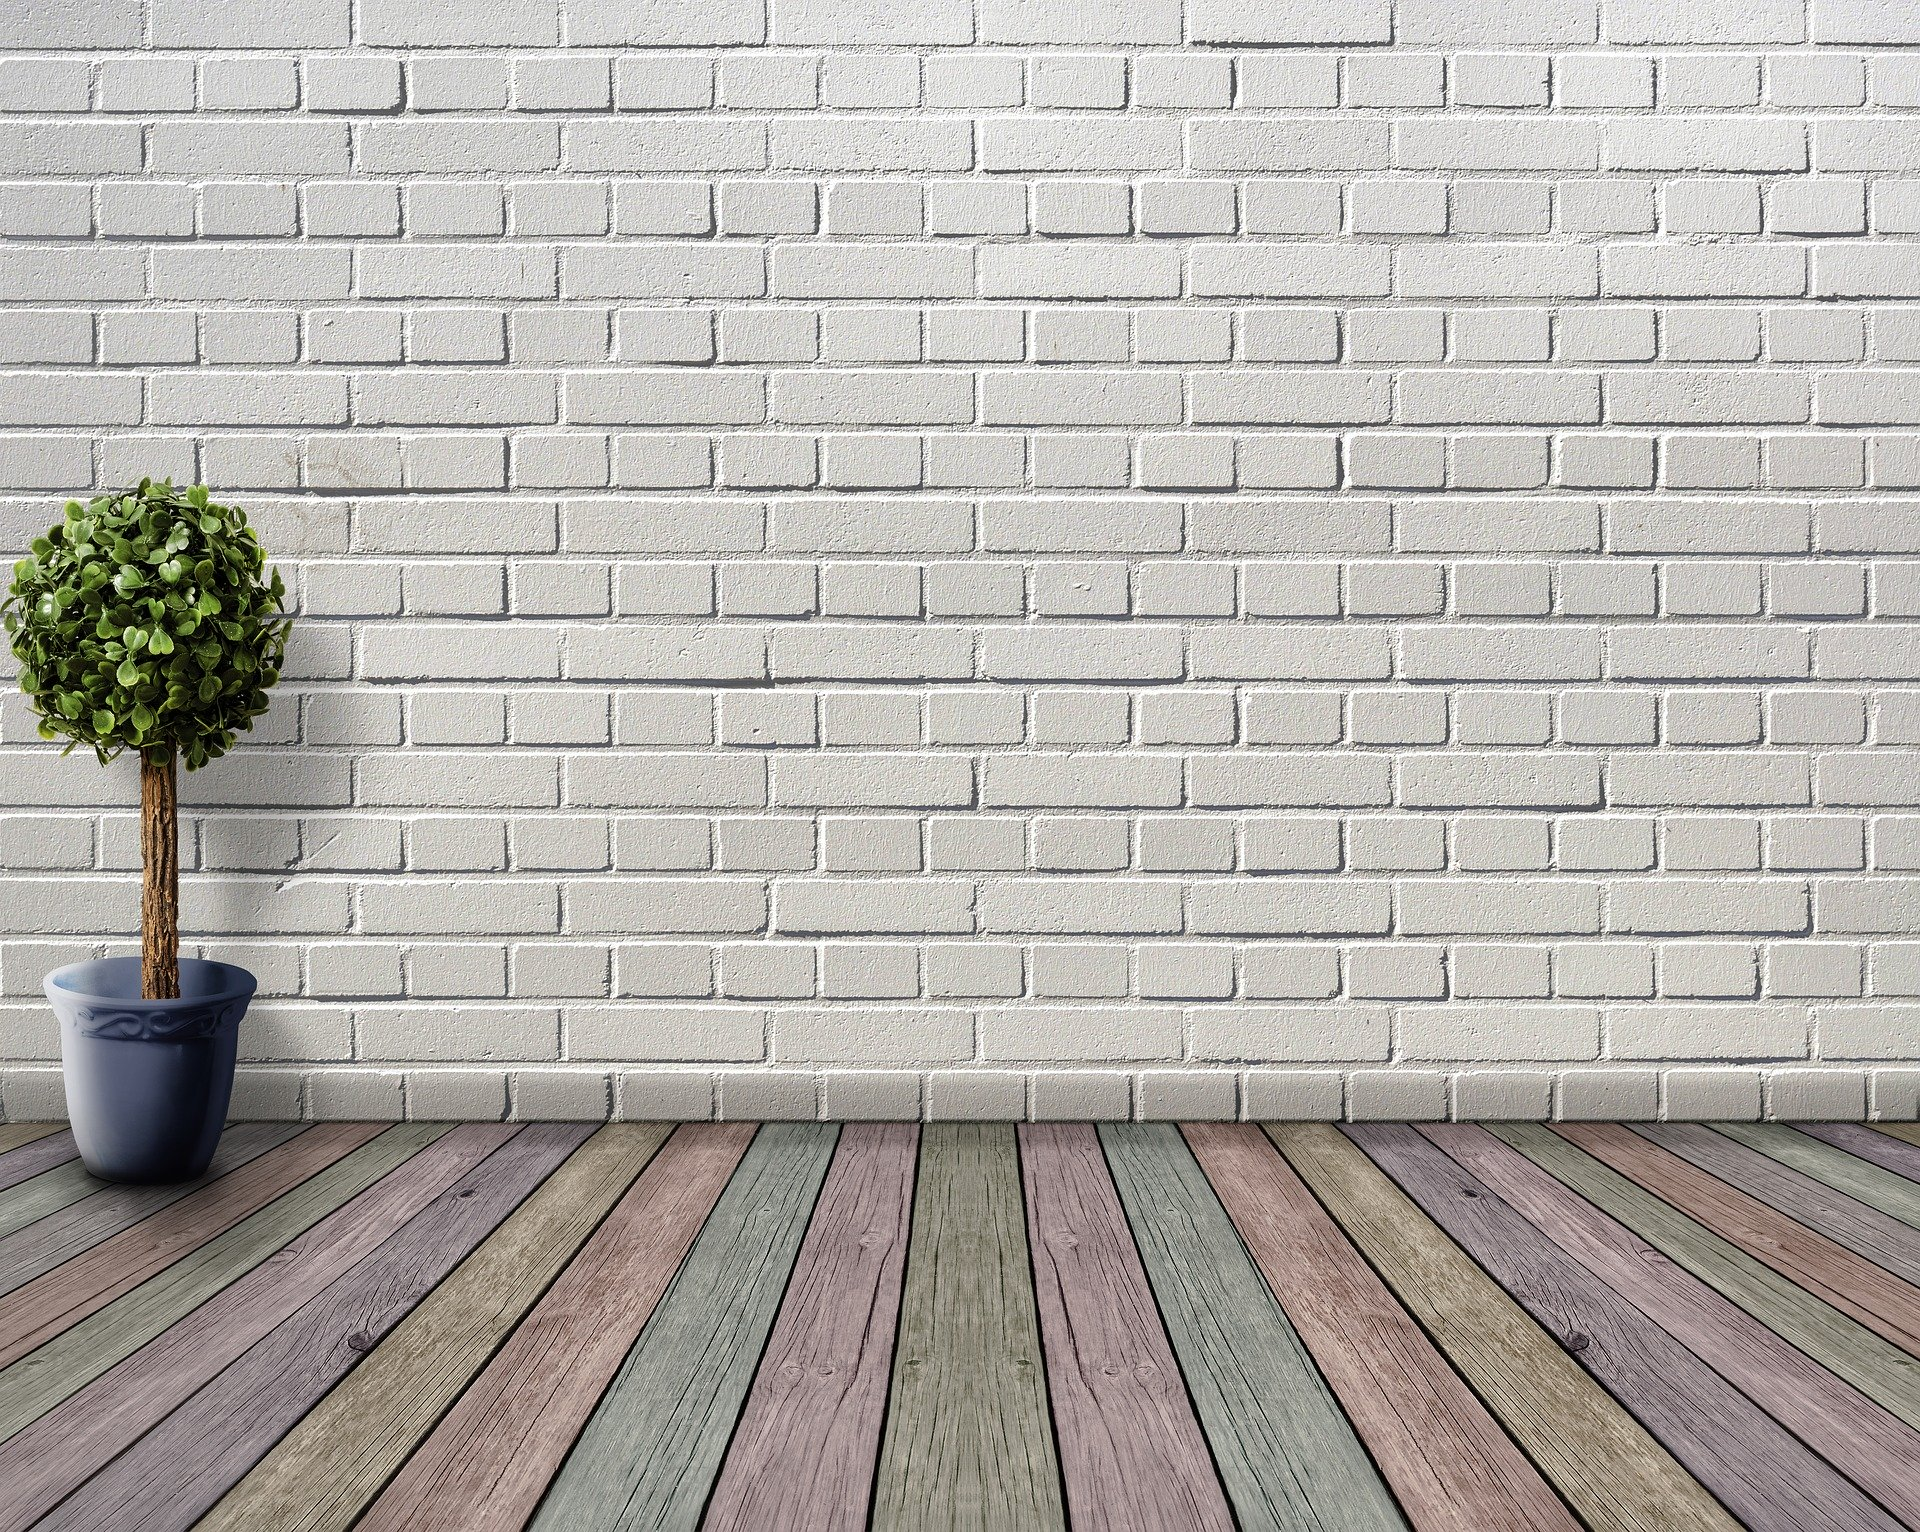 Hoe kun je de muren in jouw woning aankleden?